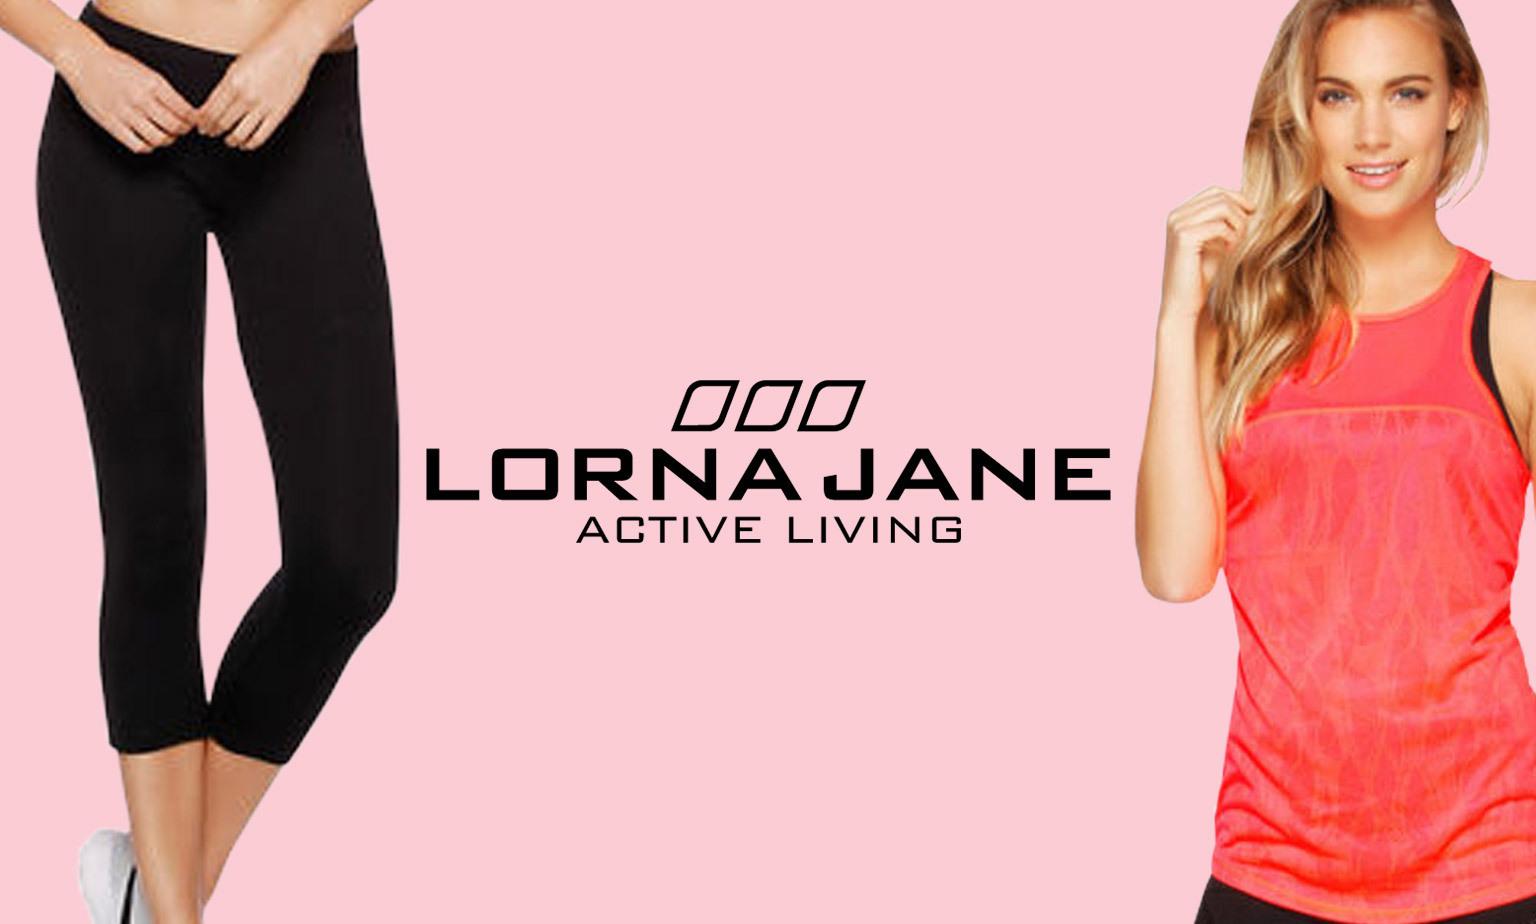 Active Living, Always